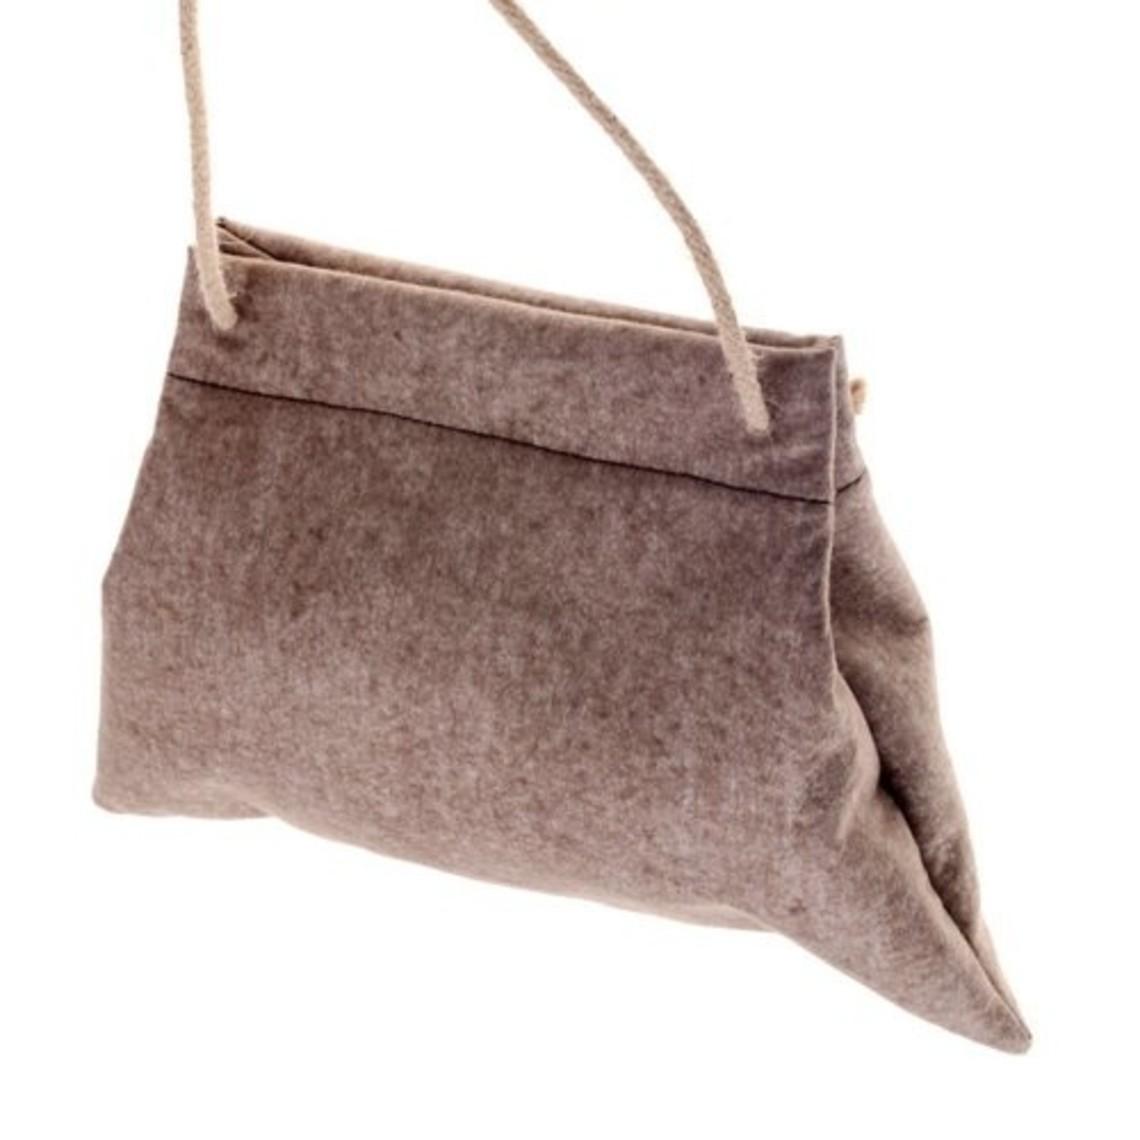 Medievale feltro borsa del pellegrino